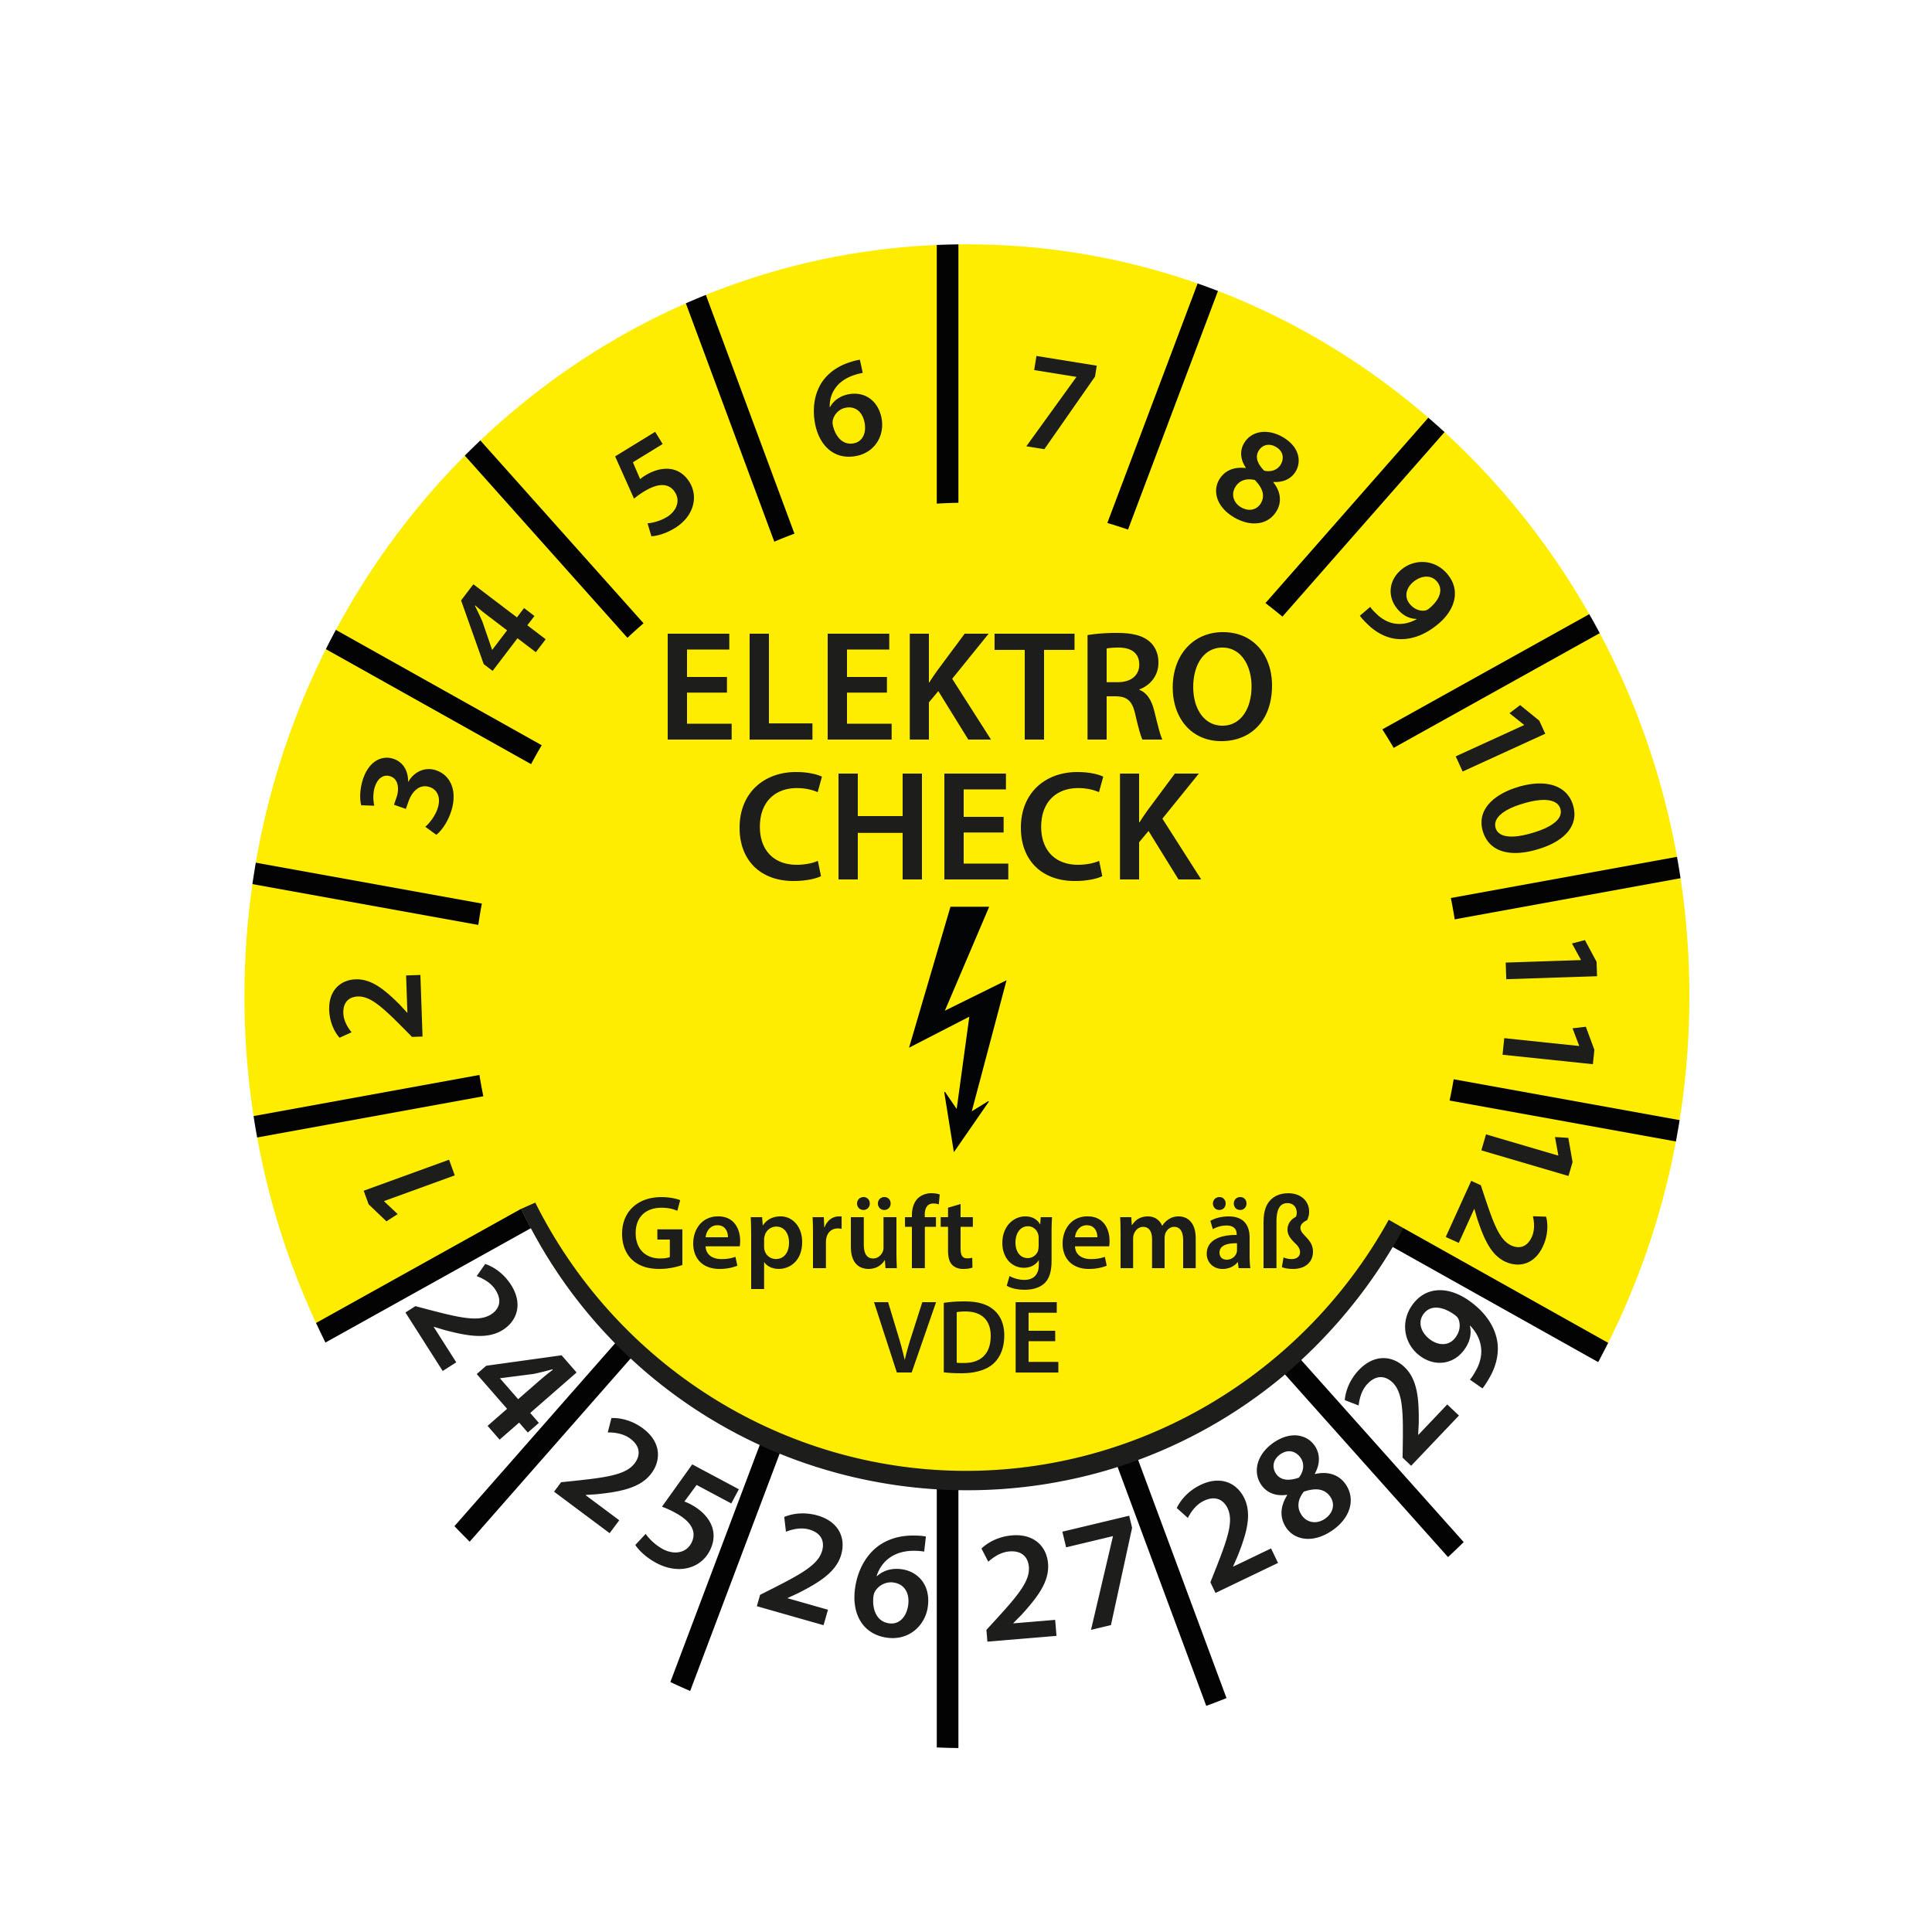 Prüfplakette Elektro Check geprüft gemäß VDE 2024-2029 Ø 30mm Rund Gelb Prüfetikett Prüfaufkleber